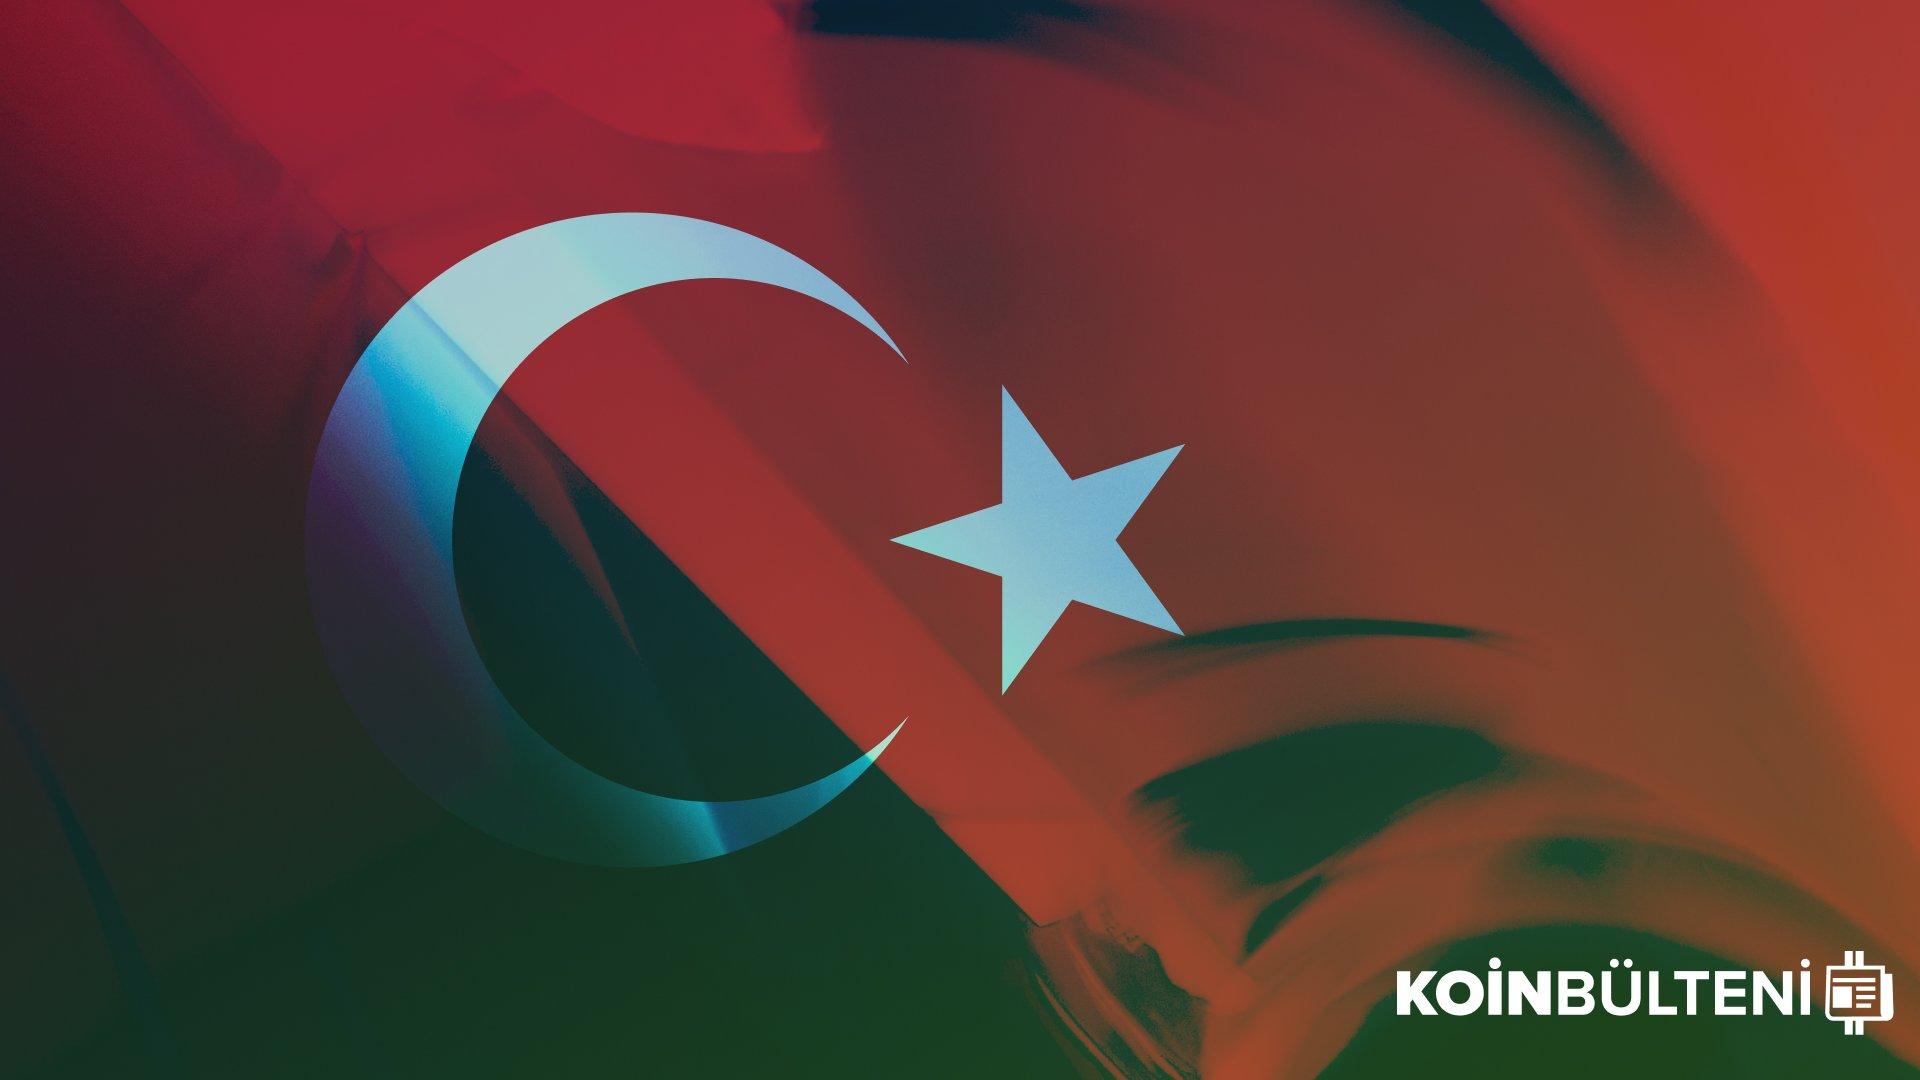 Türkiye Dijital Para Çalışmalarında Diğer Ülkelerle İş Birliği Yapacak